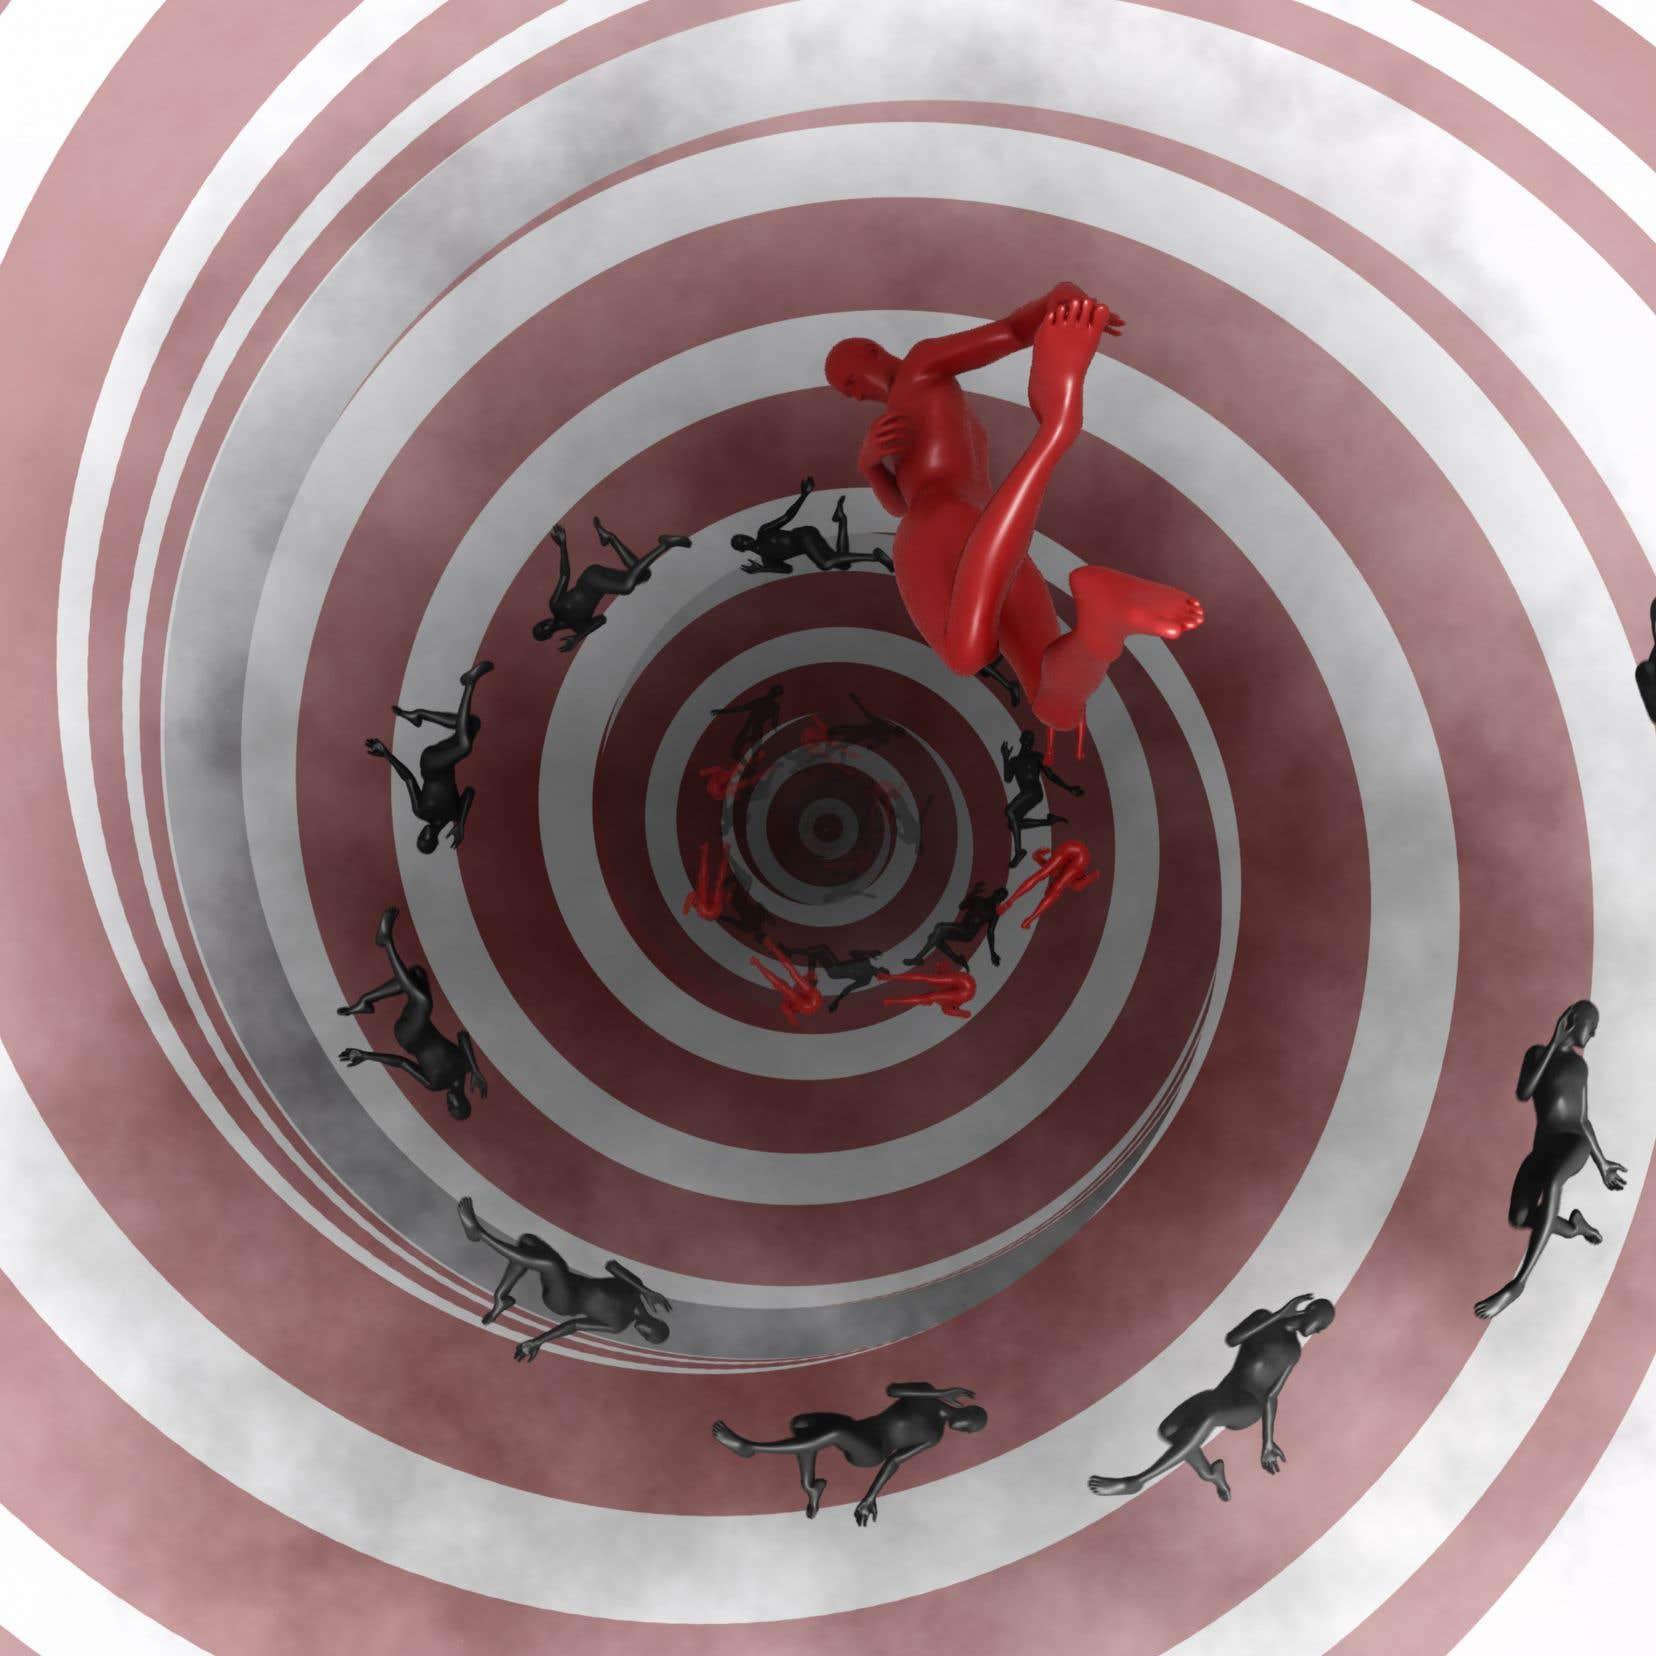 Au long de cette chute infinie, une nuée humaine forme une spirale infernale dans laquelle on finit par se projeter, emporté par cet essaim de corps aux couleurs, trajectoires et dimensions changeantes.